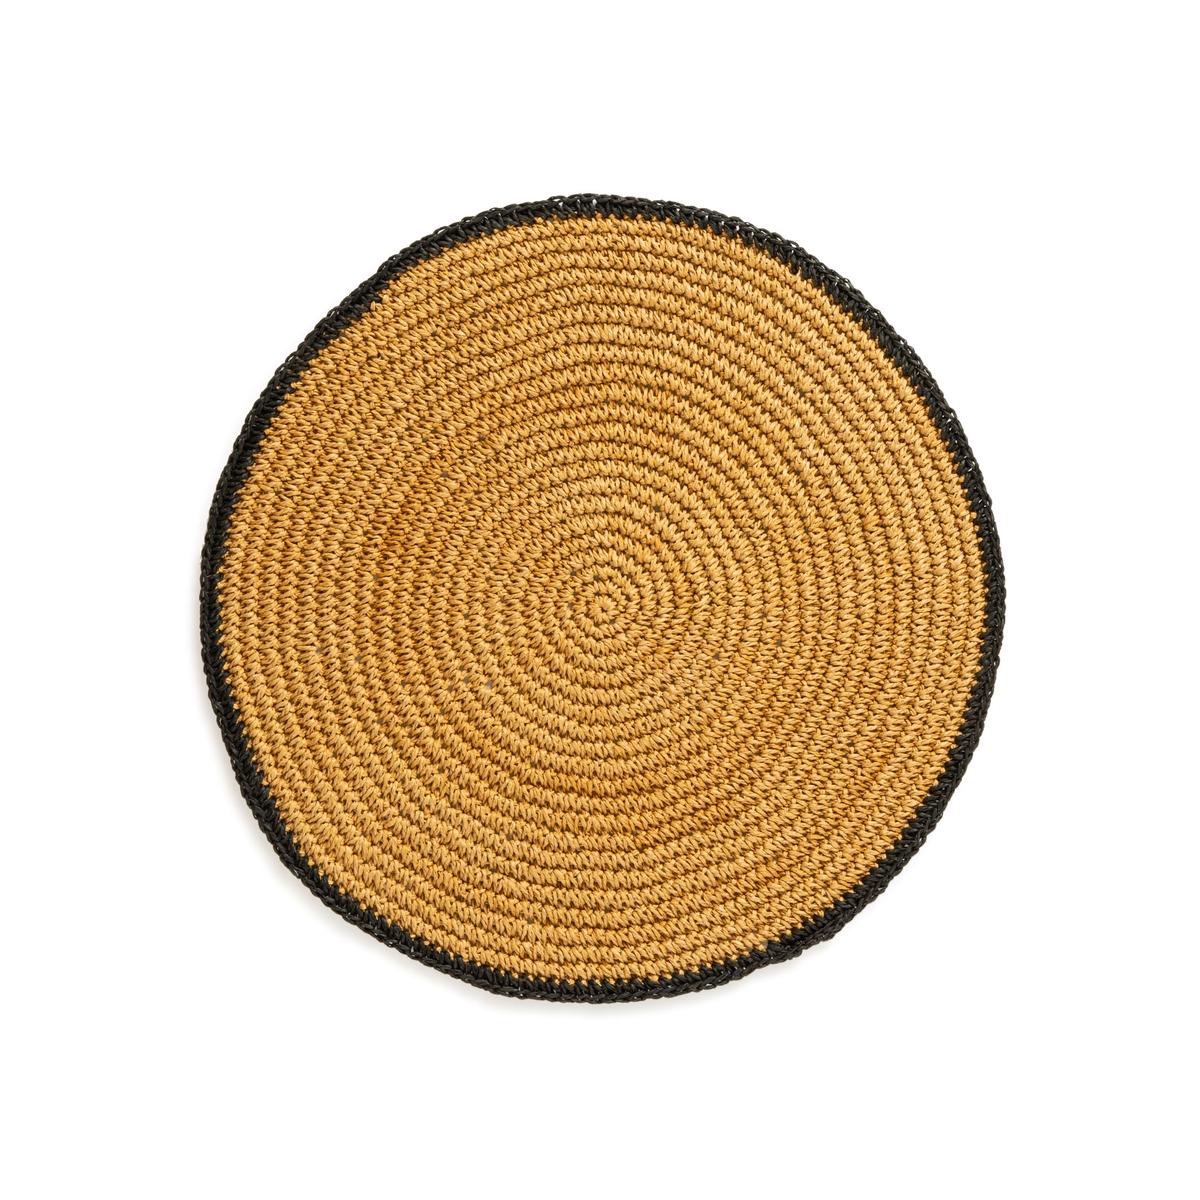 Комплект из подложек под La Redoute Столовые приборы из плетеной бумаги см Kewa единый размер бежевый цена 2017